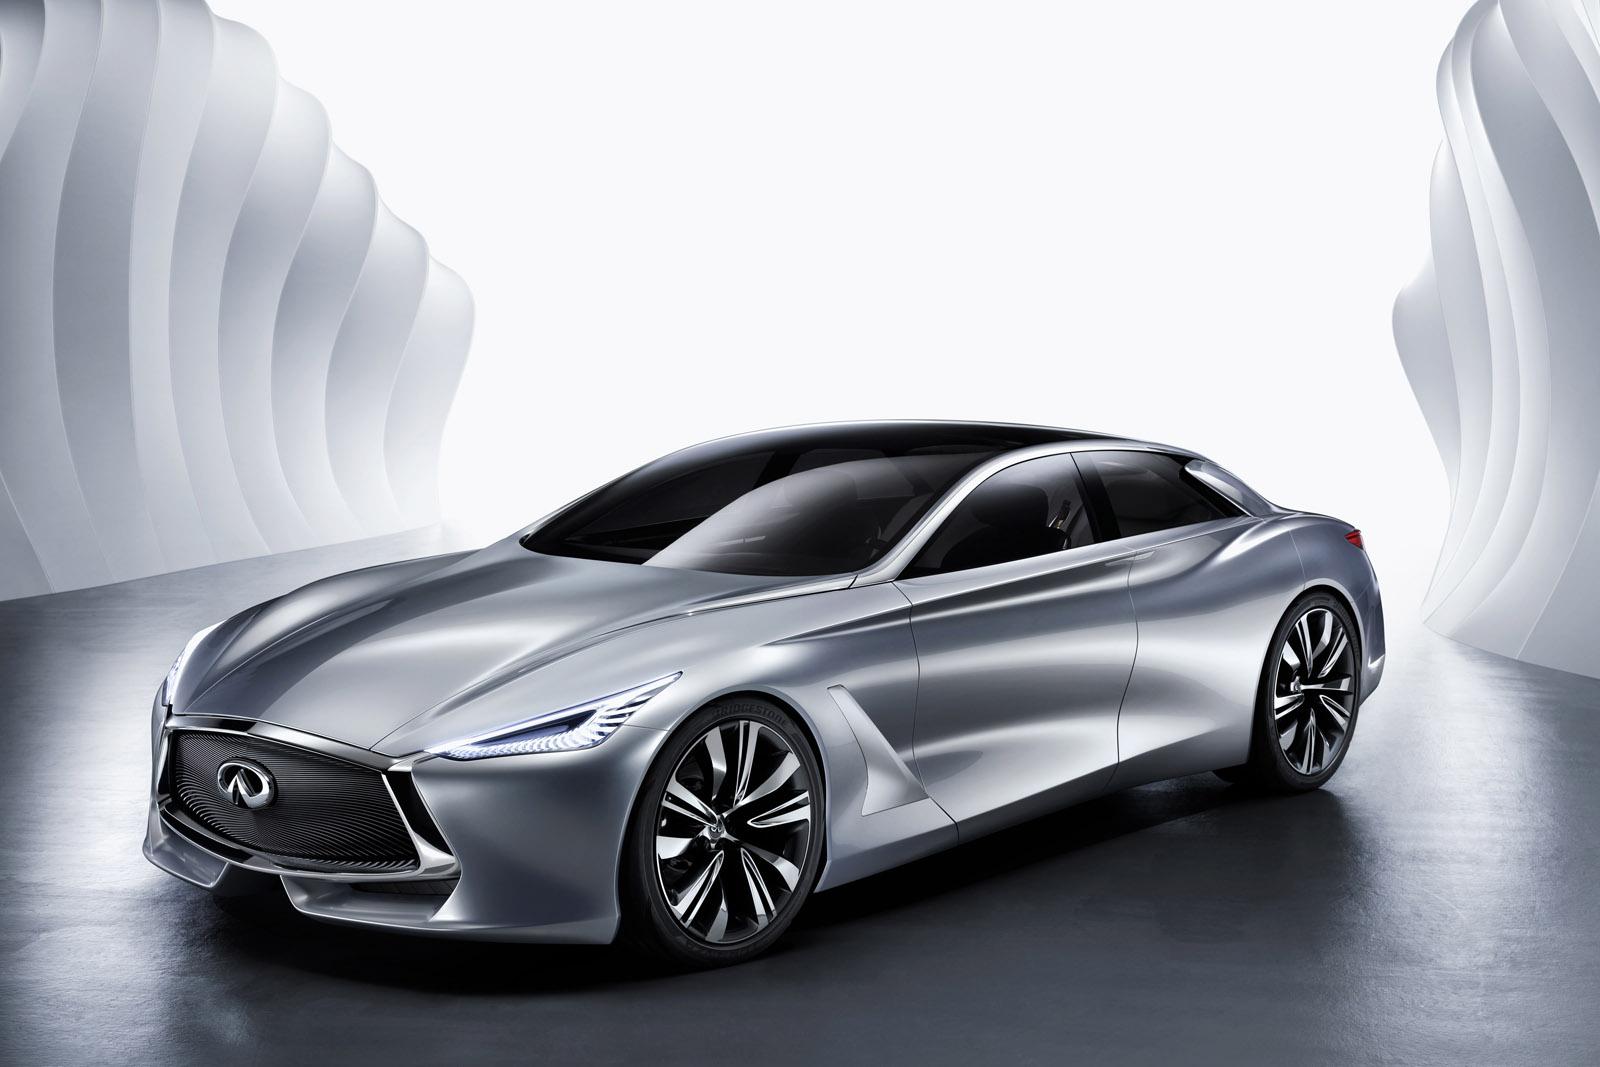 Infiniti vừa ra mắt chính thức mẫu Q80 Inspiration Concept tại triển lãm xe hơi Paris 2014